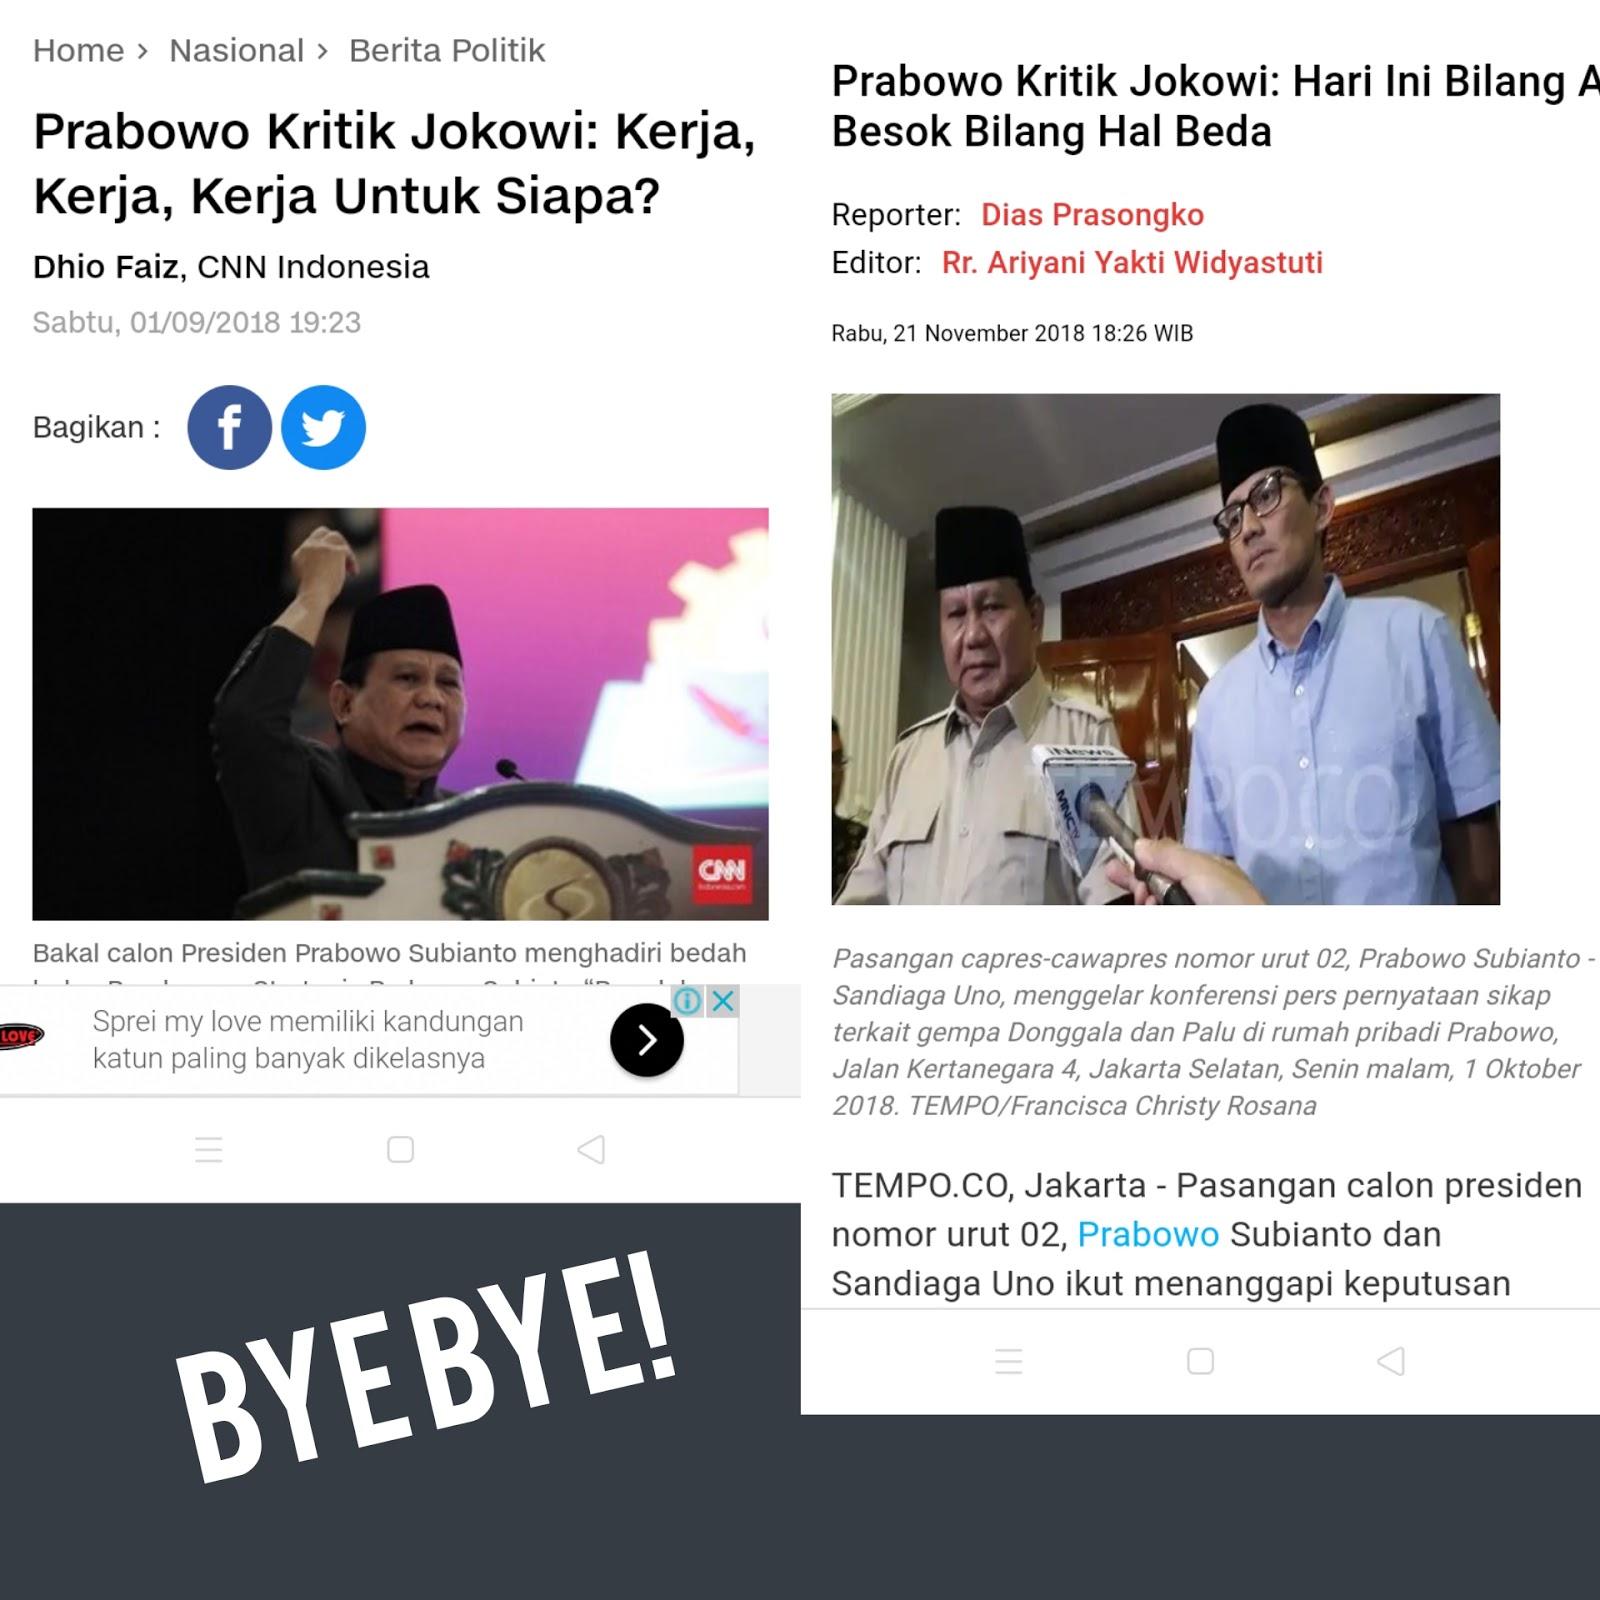 Selama di Kabinet, Prabowo Bersaksi Jokowi Komit Berjuang untuk Rakyat